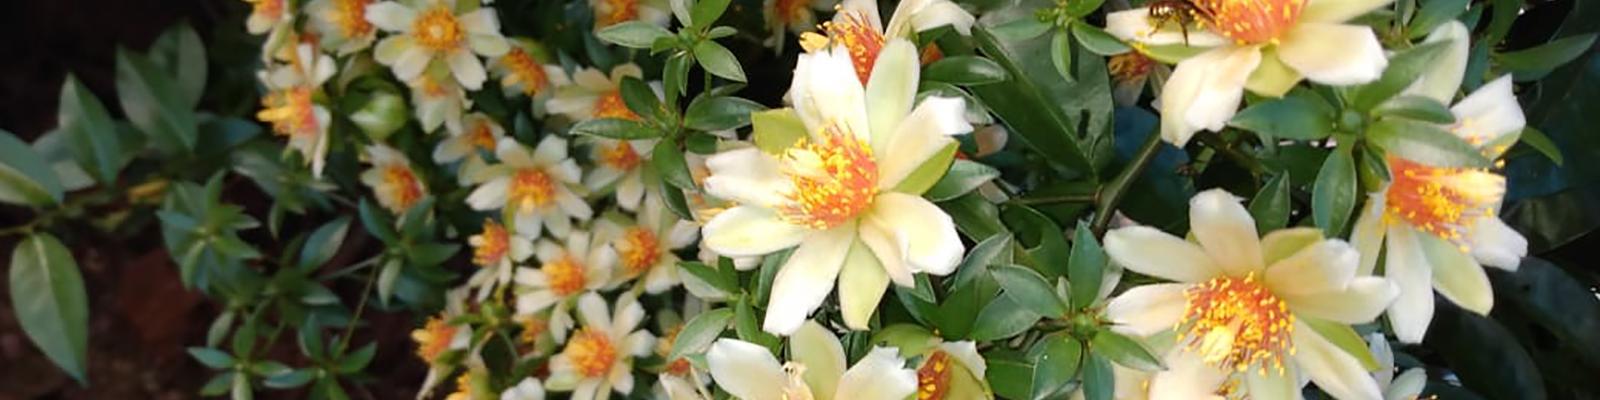 Foto de Flores de Ora-pro-nóbis. Tereza Cristina Roesler Ré.  Várias flores pequenas na cor branca peroladas com o centro amarelo.